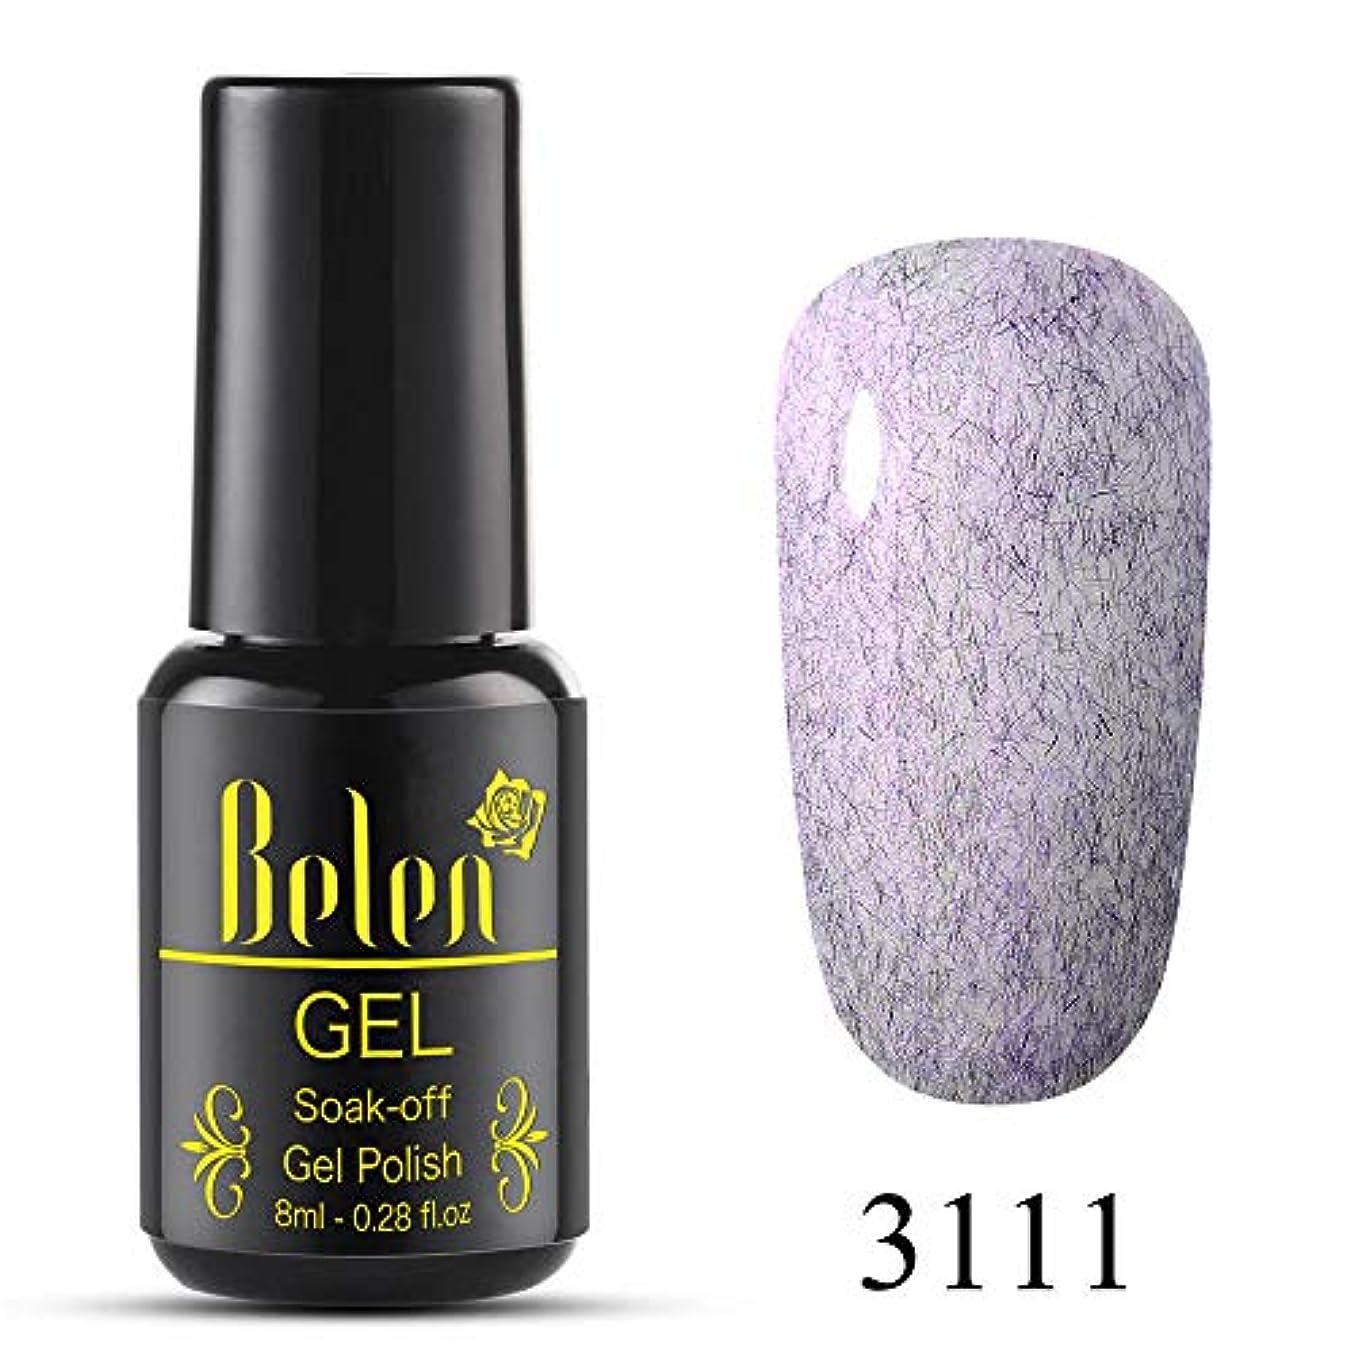 Belen ジェルネイル カラージェル 貝殻毛皮系 1色入り 8ml【全12色選択可】